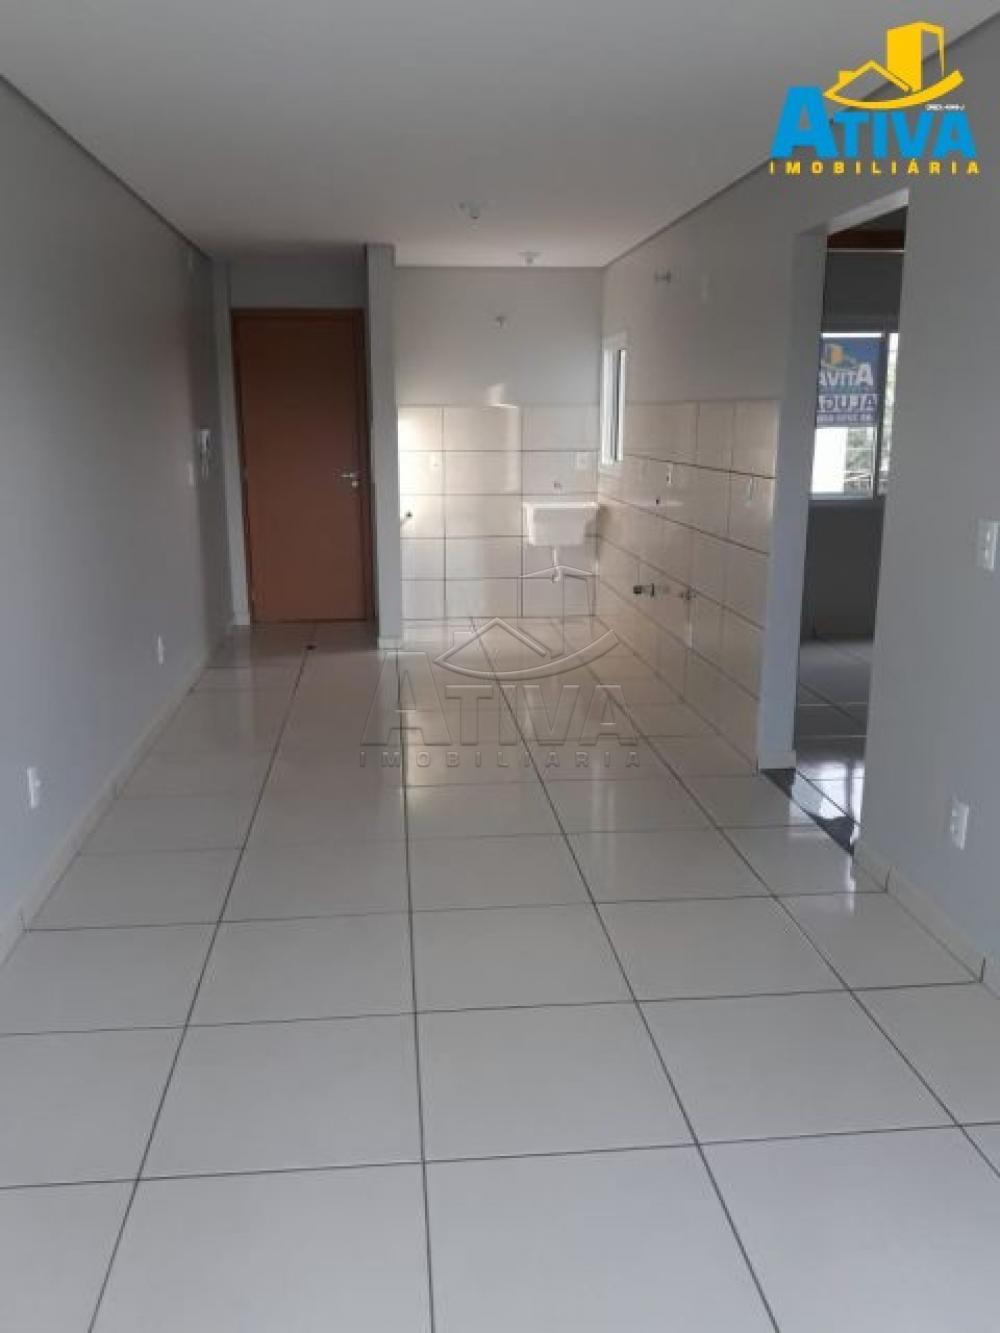 Comprar Apartamento / Padrão em Toledo apenas R$ 160.000,00 - Foto 3